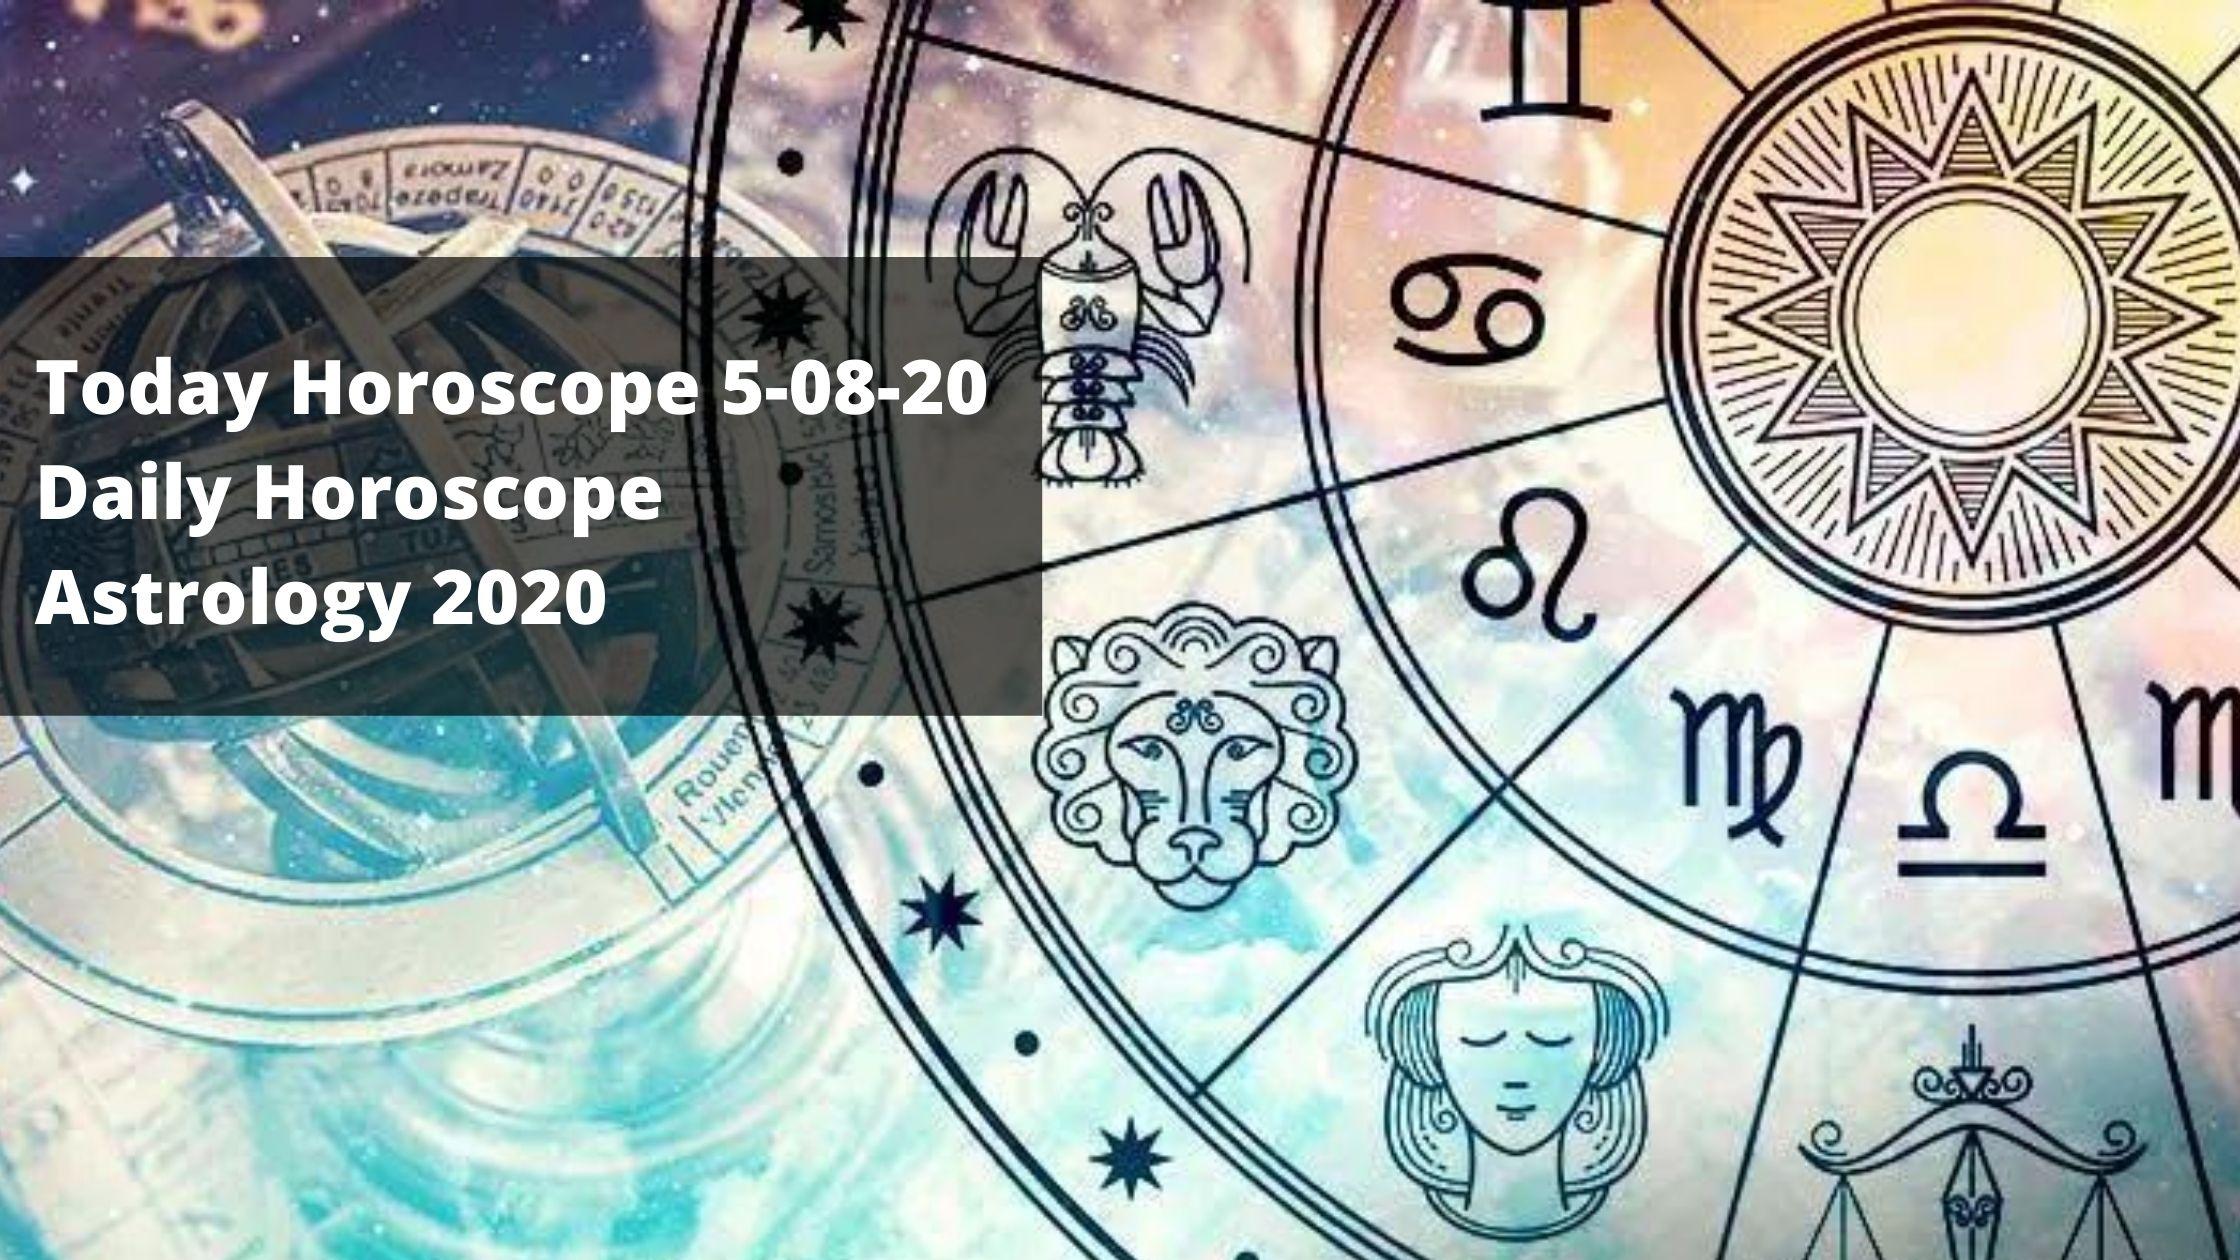 Daily Horoscope _ Today Horoscope 5-08-20 _ Astrology 2020